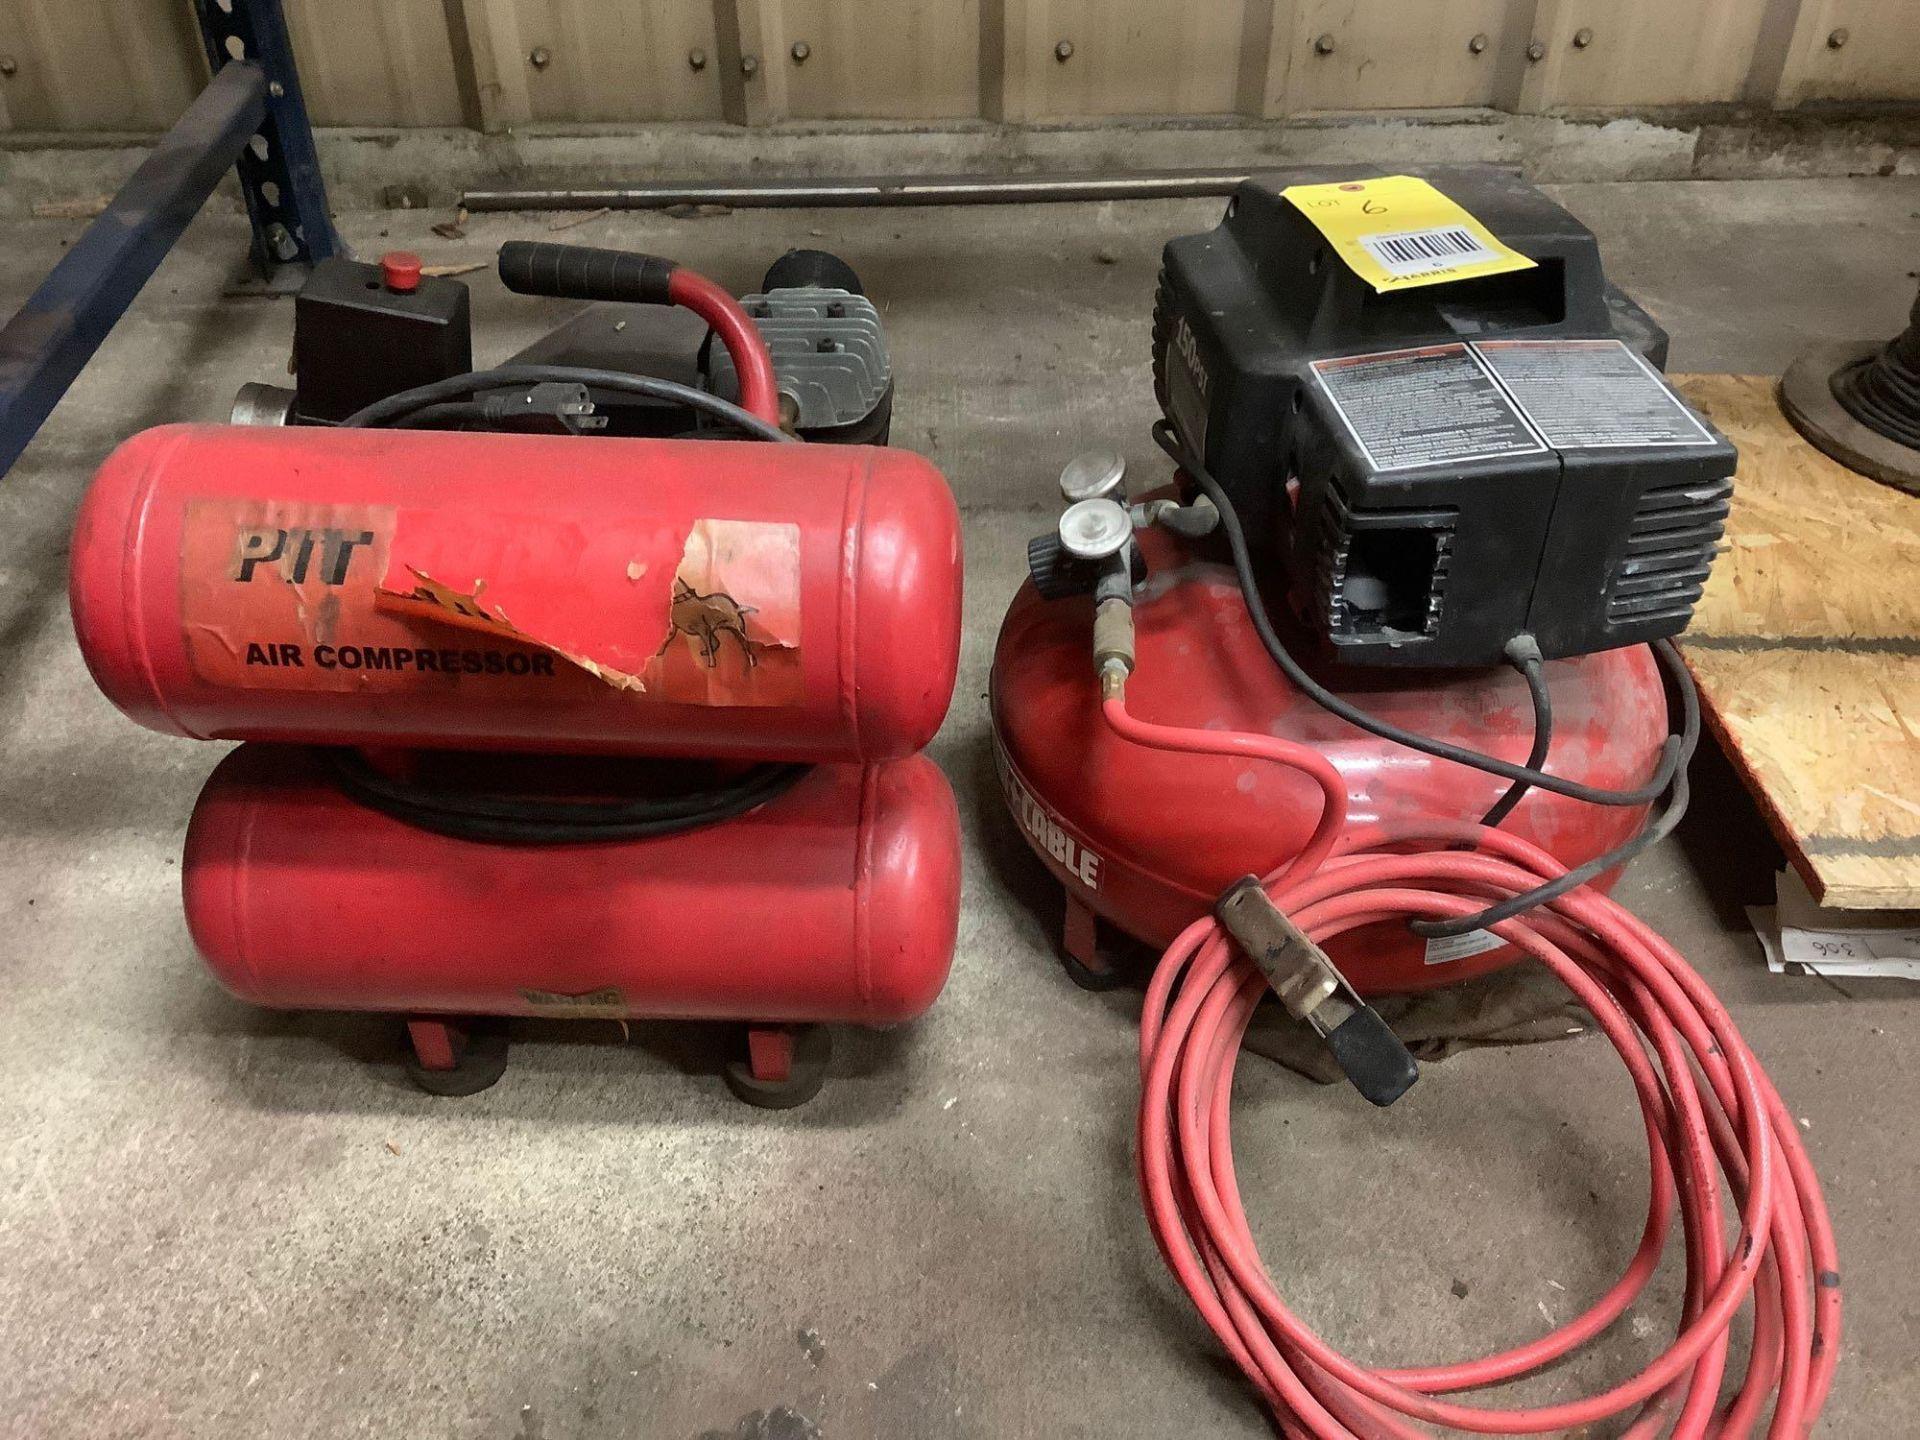 Lot of 2 Portable Air Compressors